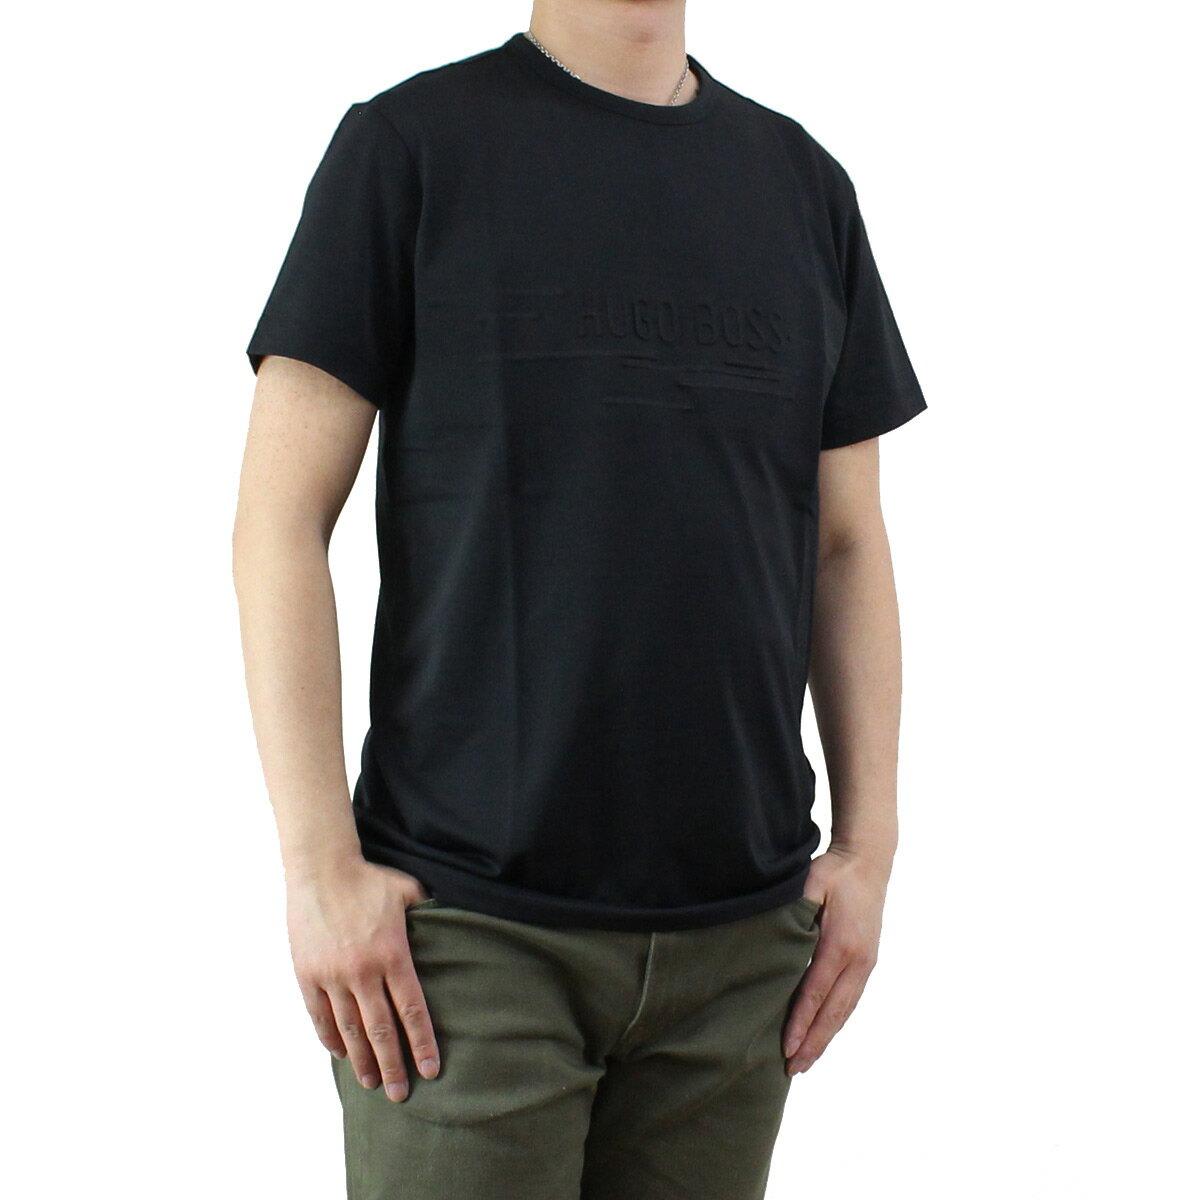 ヒューゴ ボス HUGO BOSS TEE 9 メンズ クルーネック Tシャツ 50329641 10175216 001 ブラック 【メンズ】【ティーシャツ 半袖】